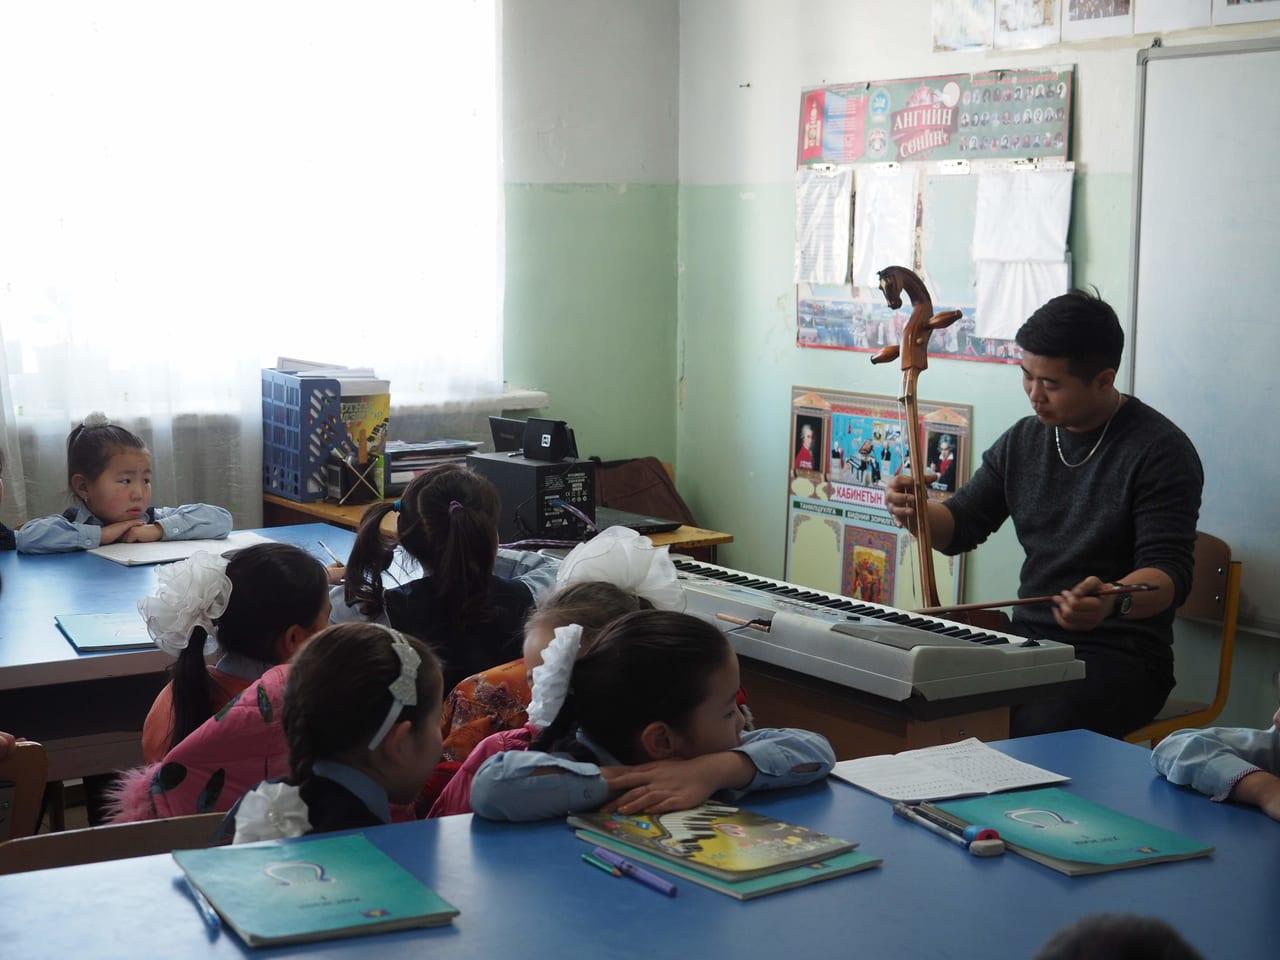 モンゴルのある村の学校の音楽の授業を見学させてもらいました。